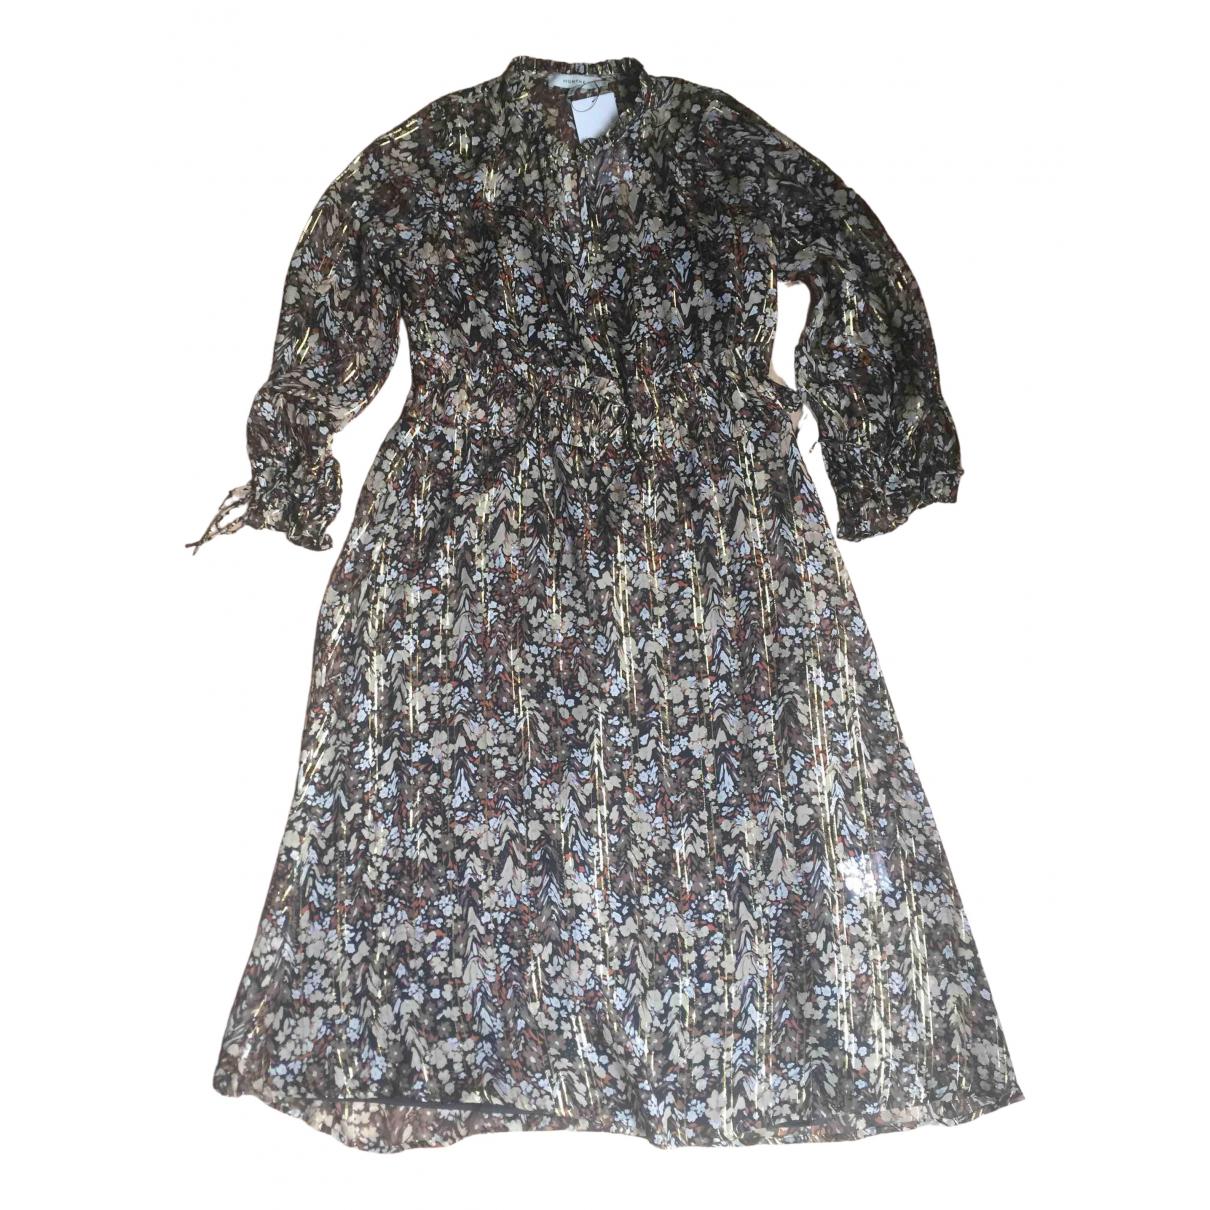 Munthe \N Kleid in  Bunt Seide